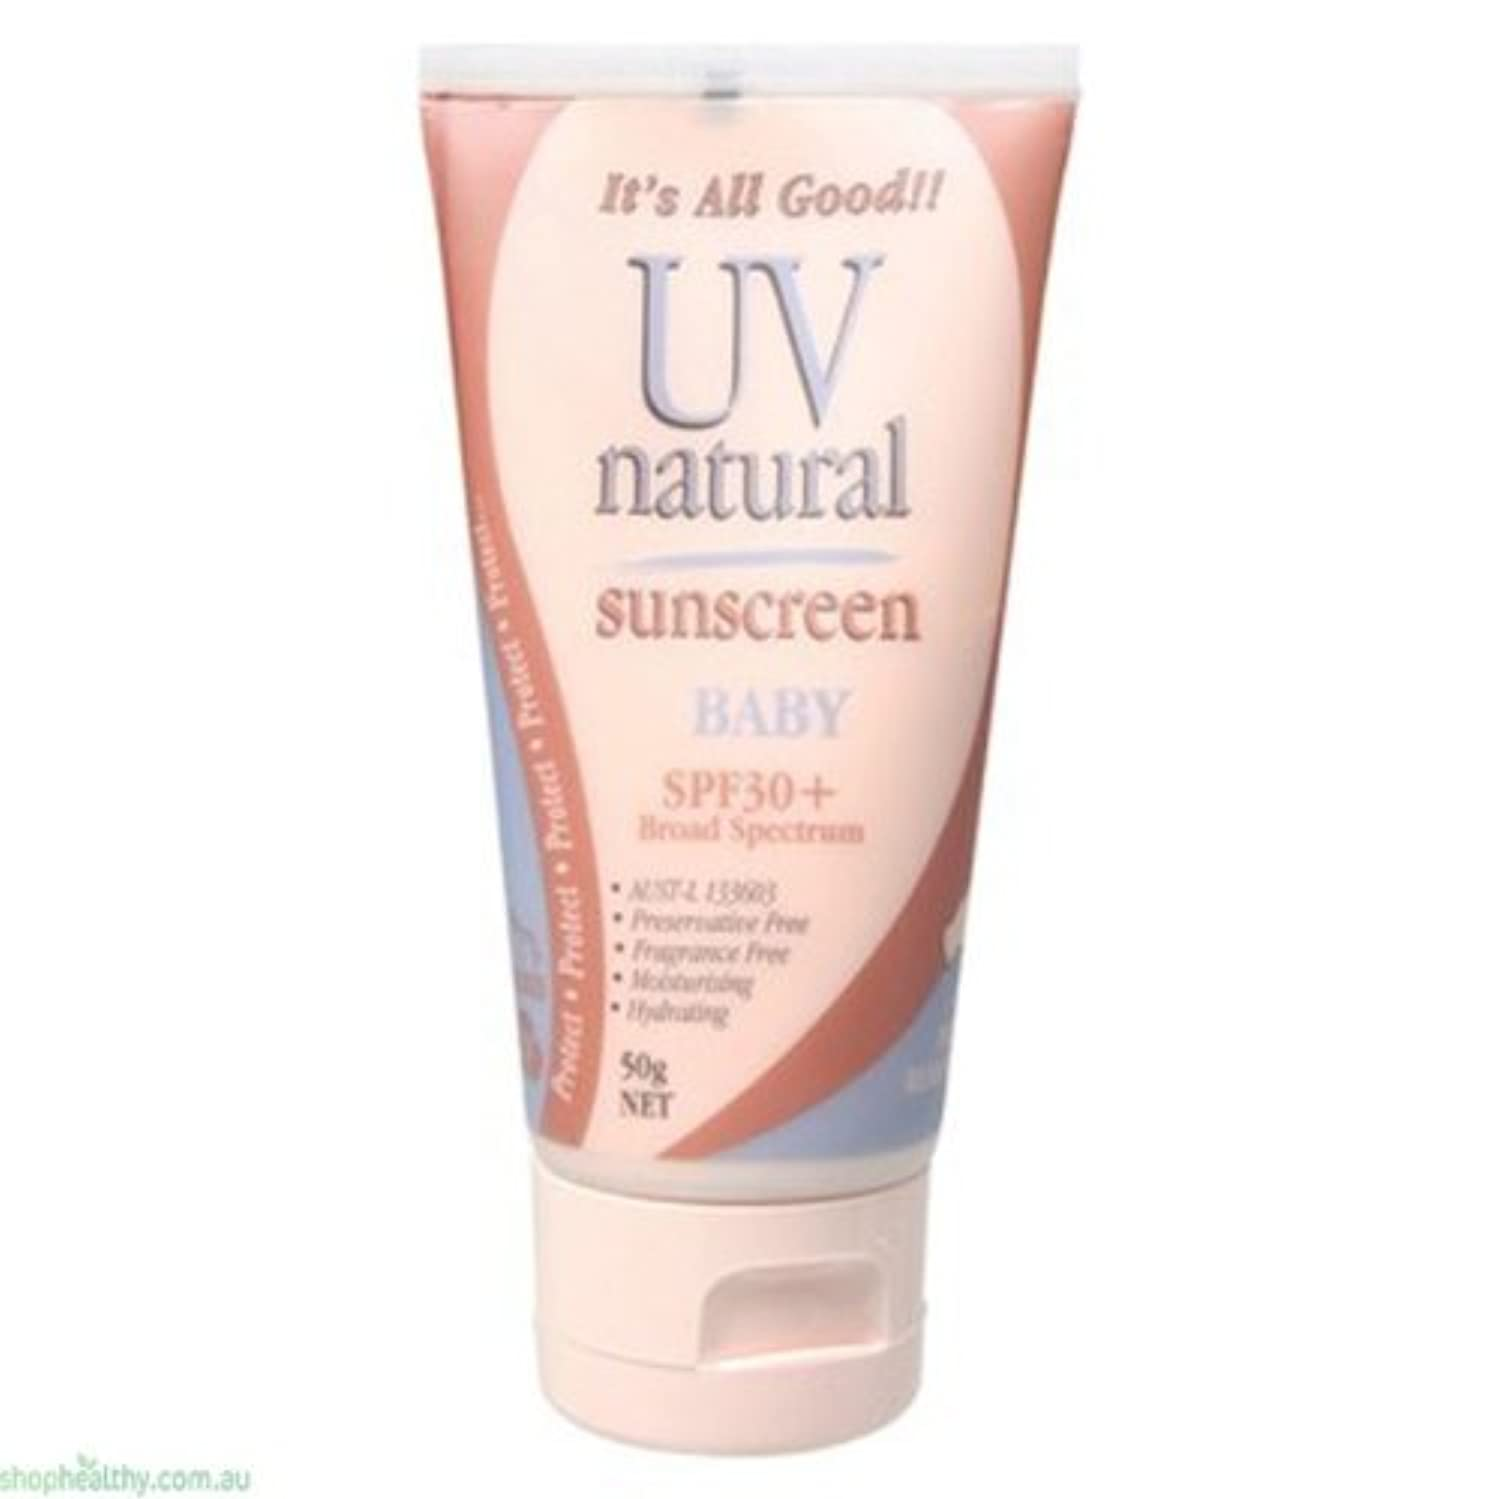 巨人テクスチャースープ【UV NATURAL】Baby 日焼け止め Natural SPF30+ 50g 3本セット